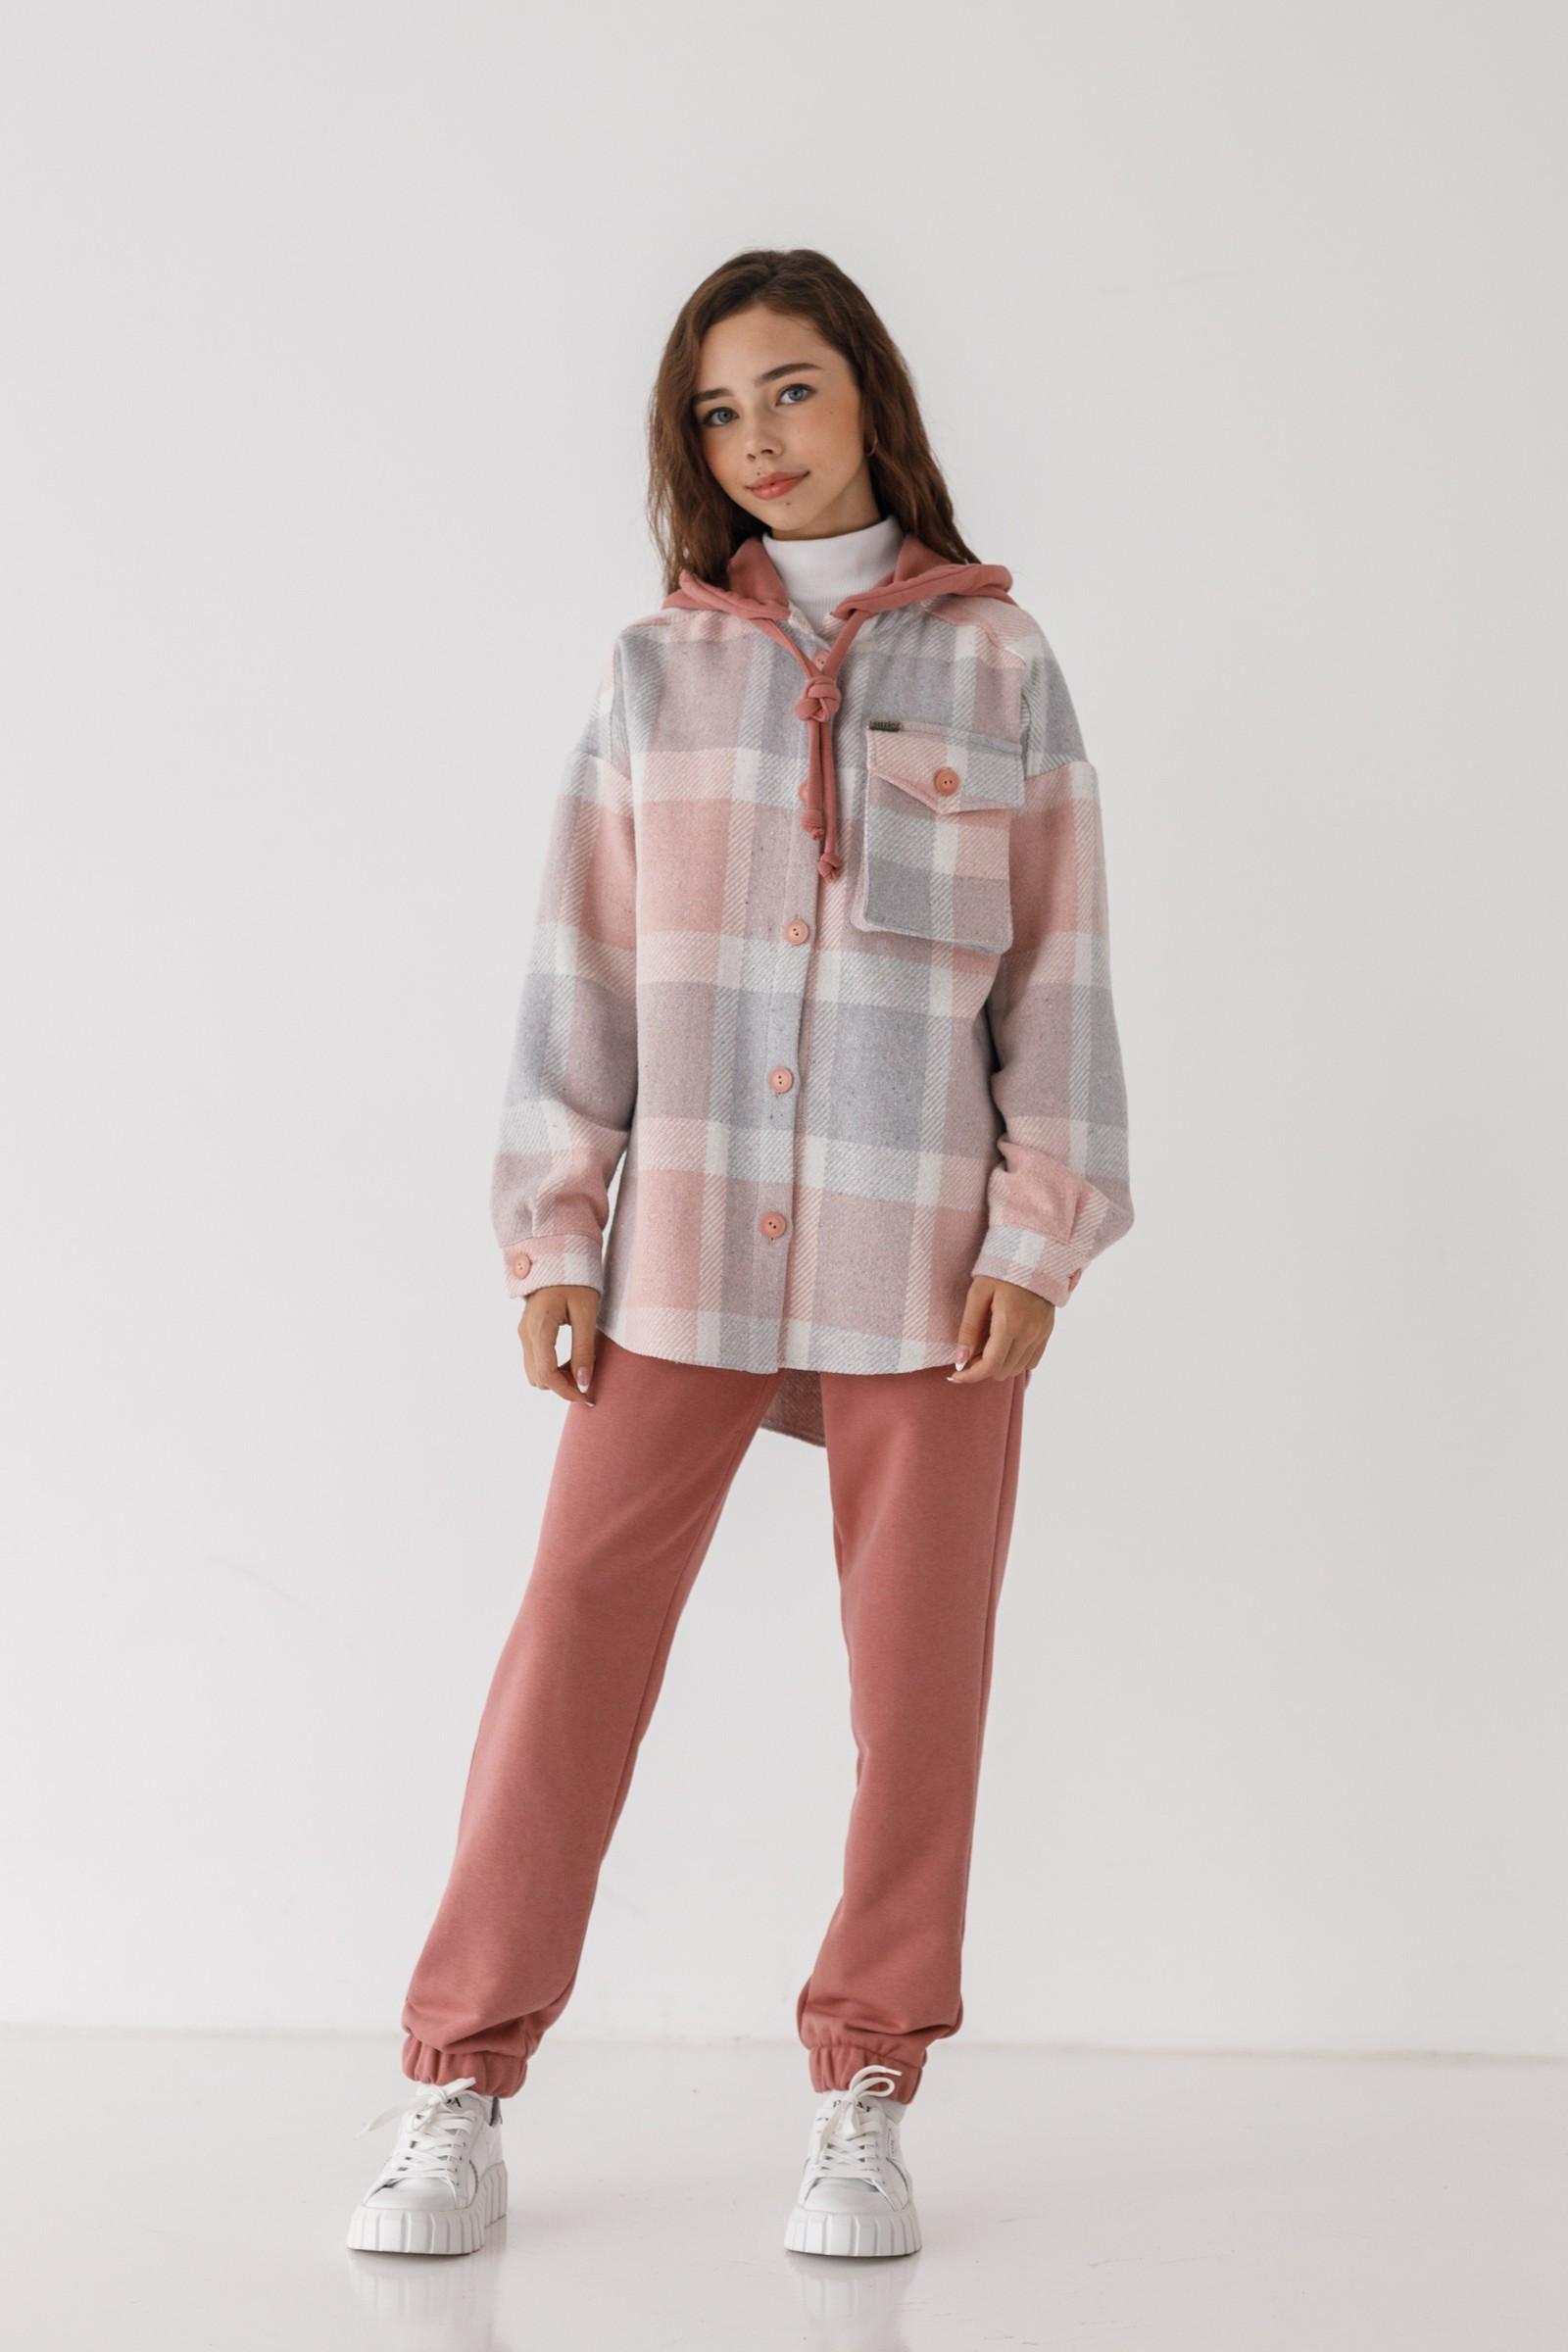 Сорочка Марджи, фото №1